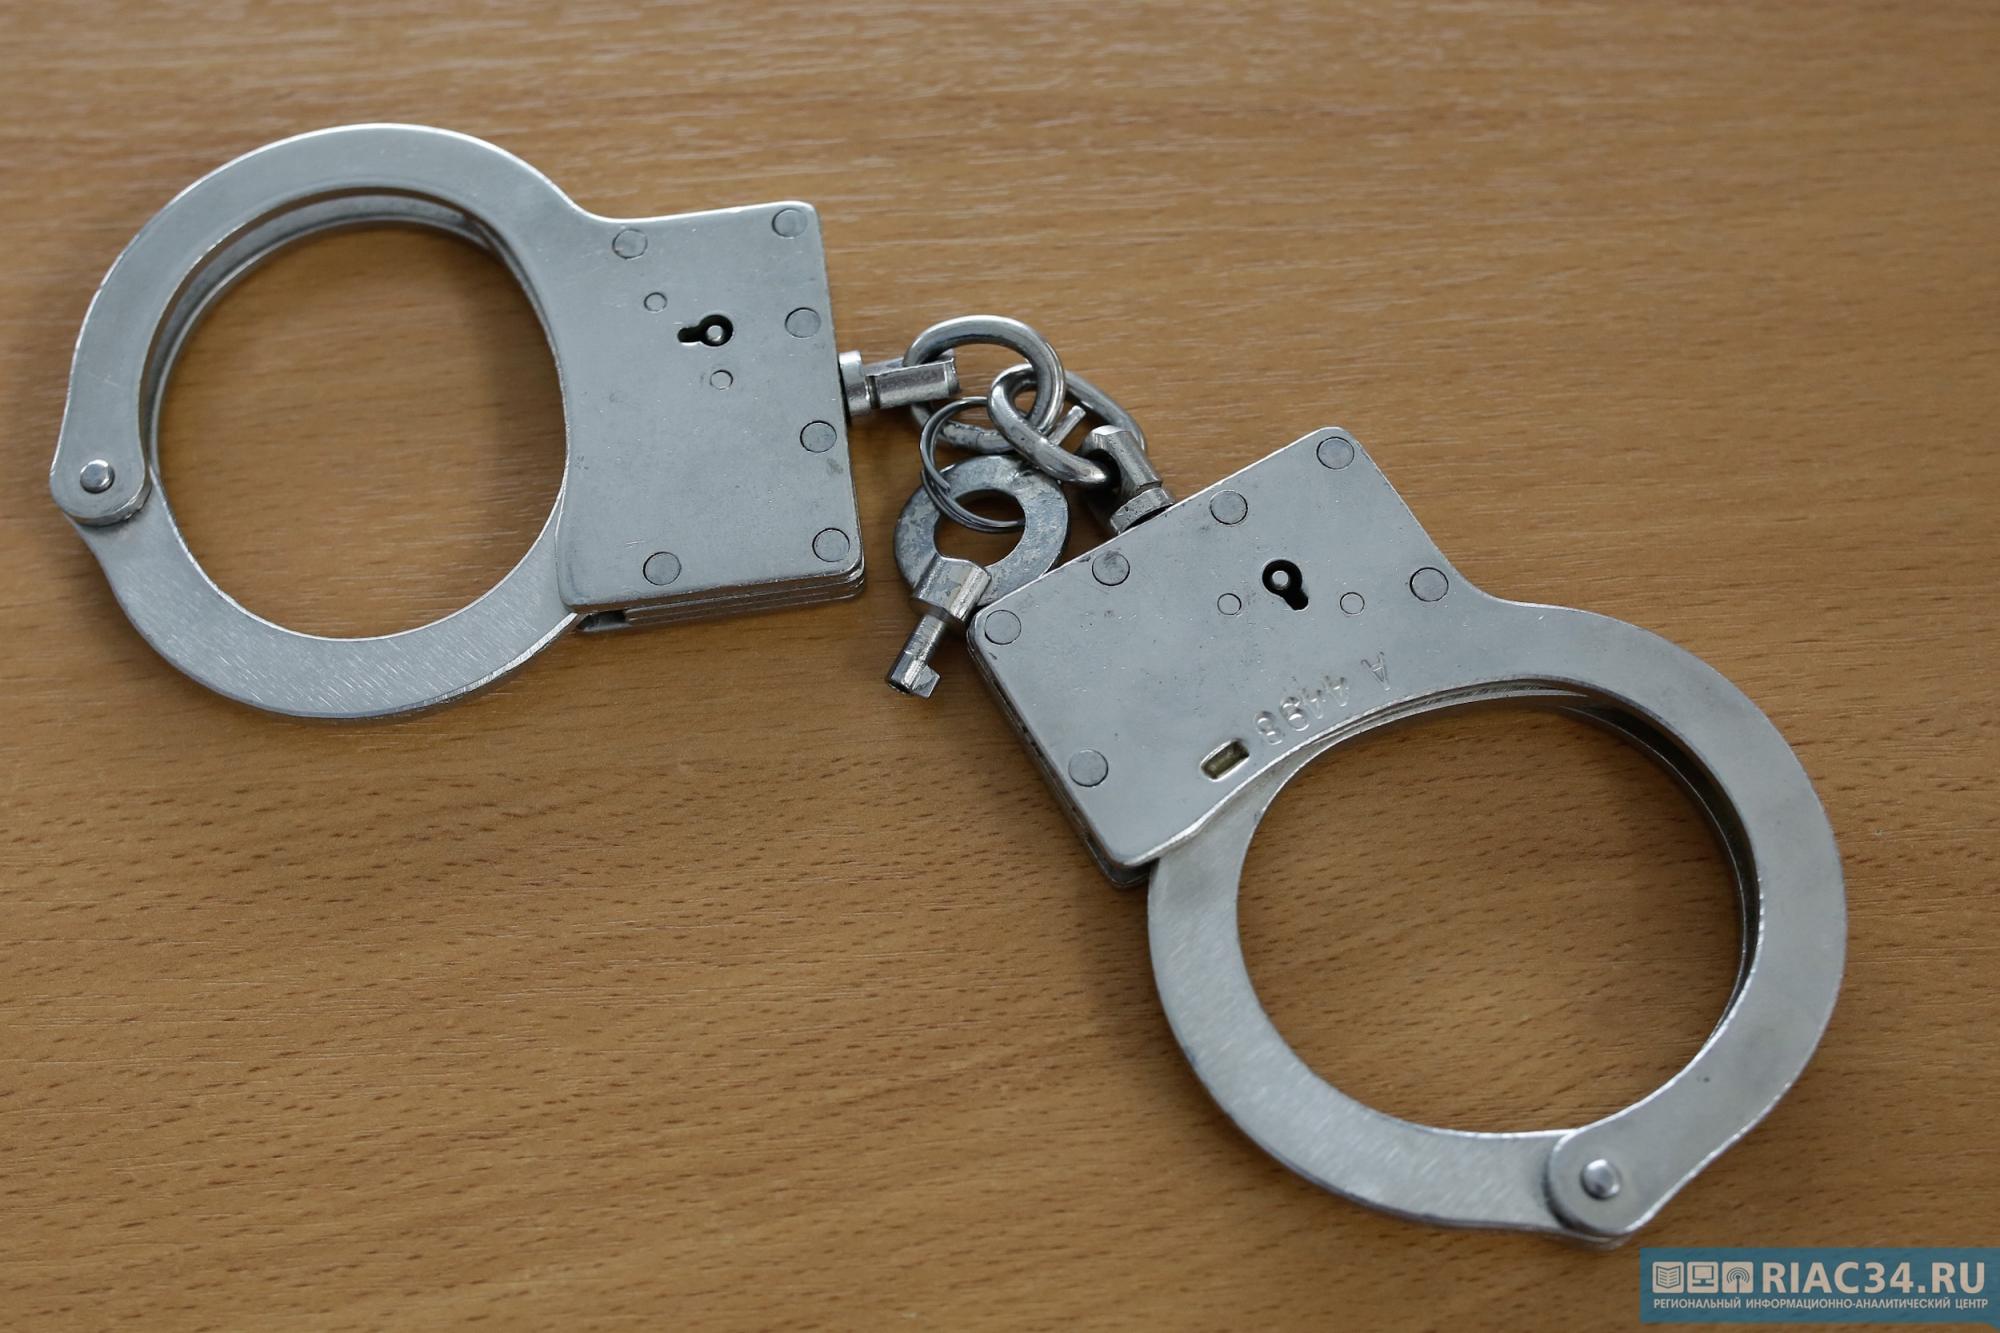 Скрывавшийся напротяжении 17 лет насильник изВолгограда схвачен вКраснодарском крае